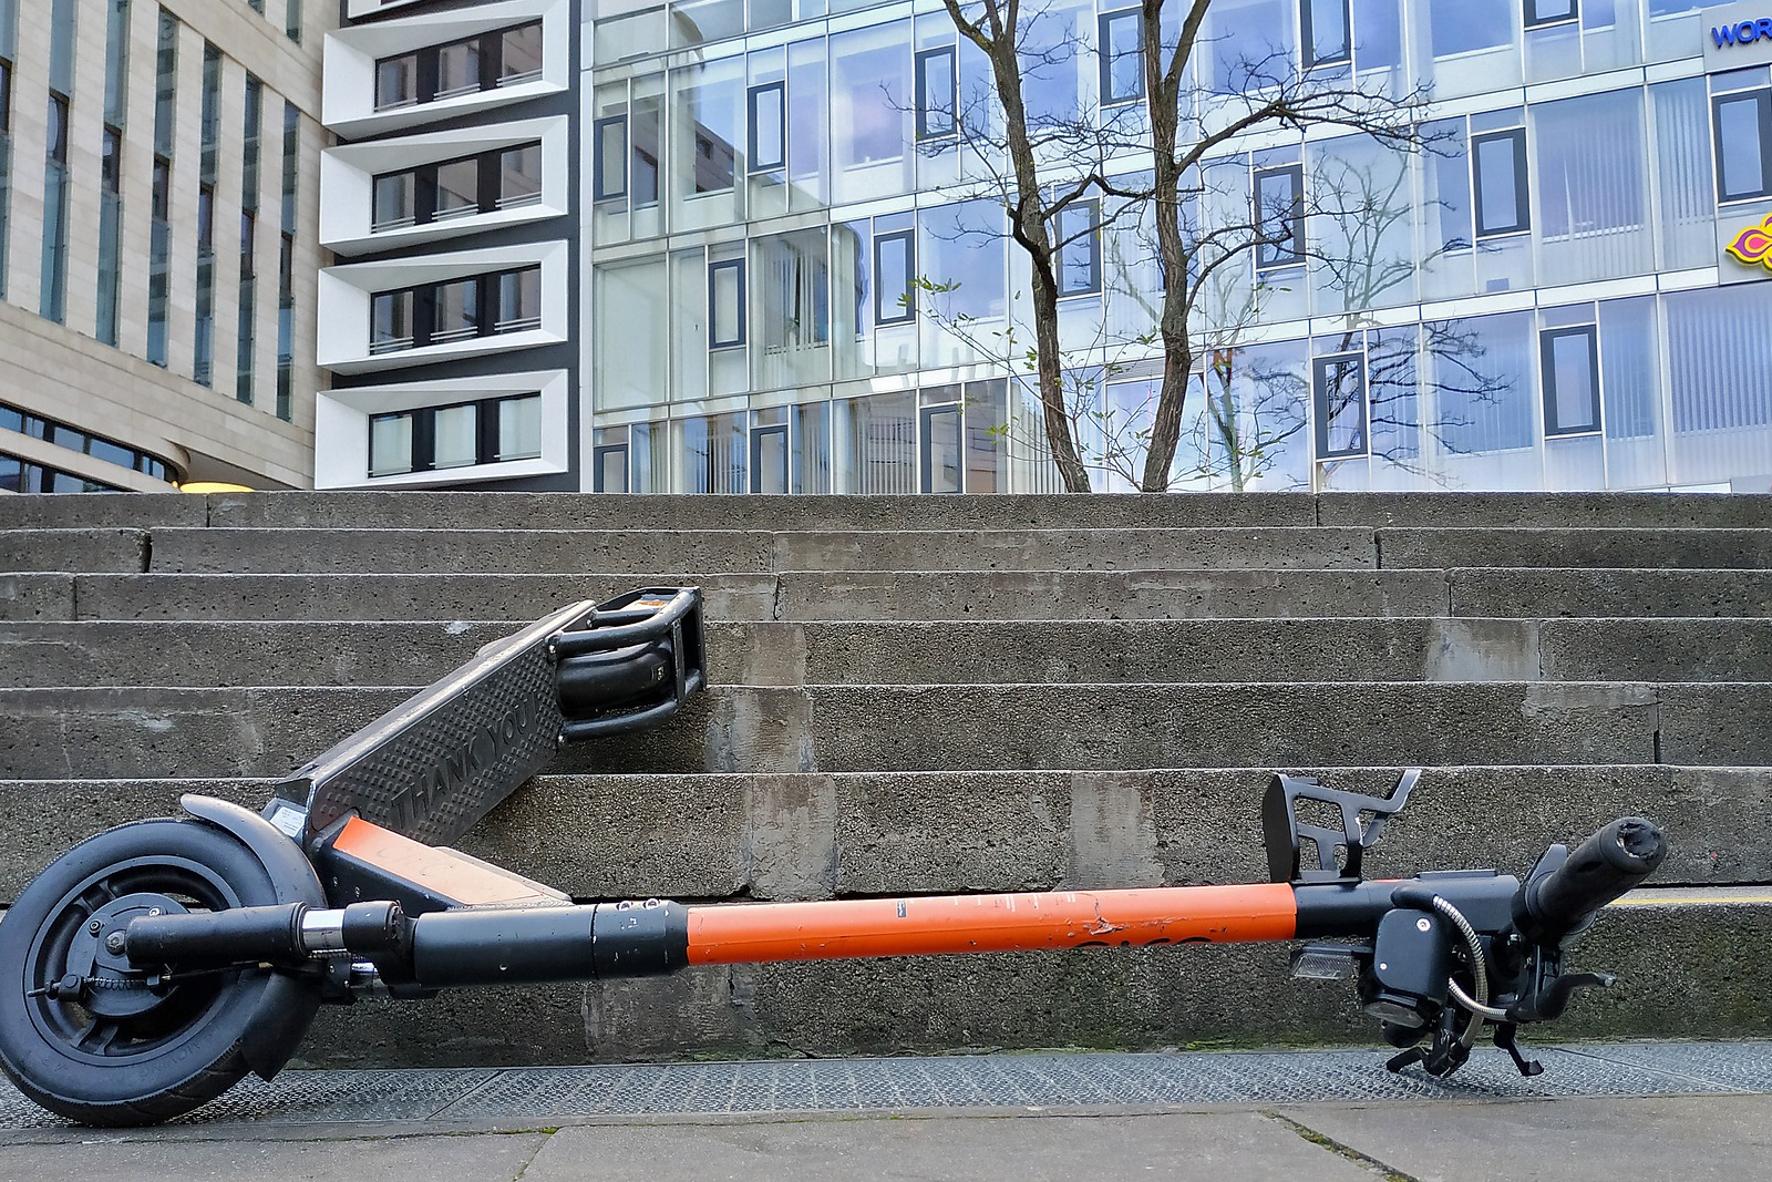 mid Groß-Gerau - Wer Alkohol getrunken hat, sollte auf den E-Scooter verzichten. Pixabay/borismayer77